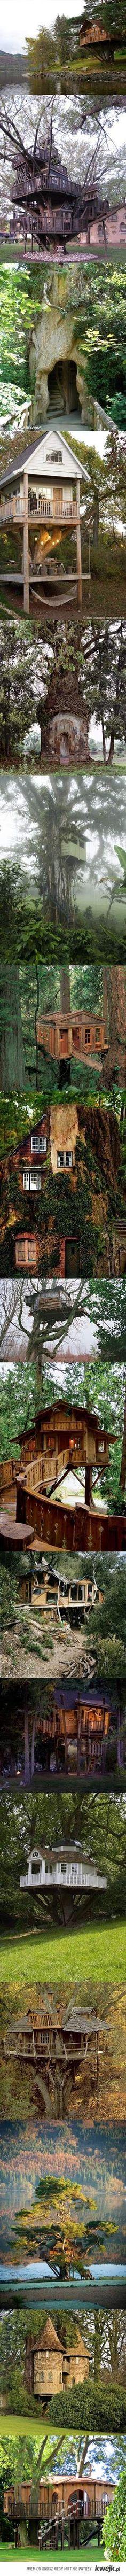 Tree Houses! WOW